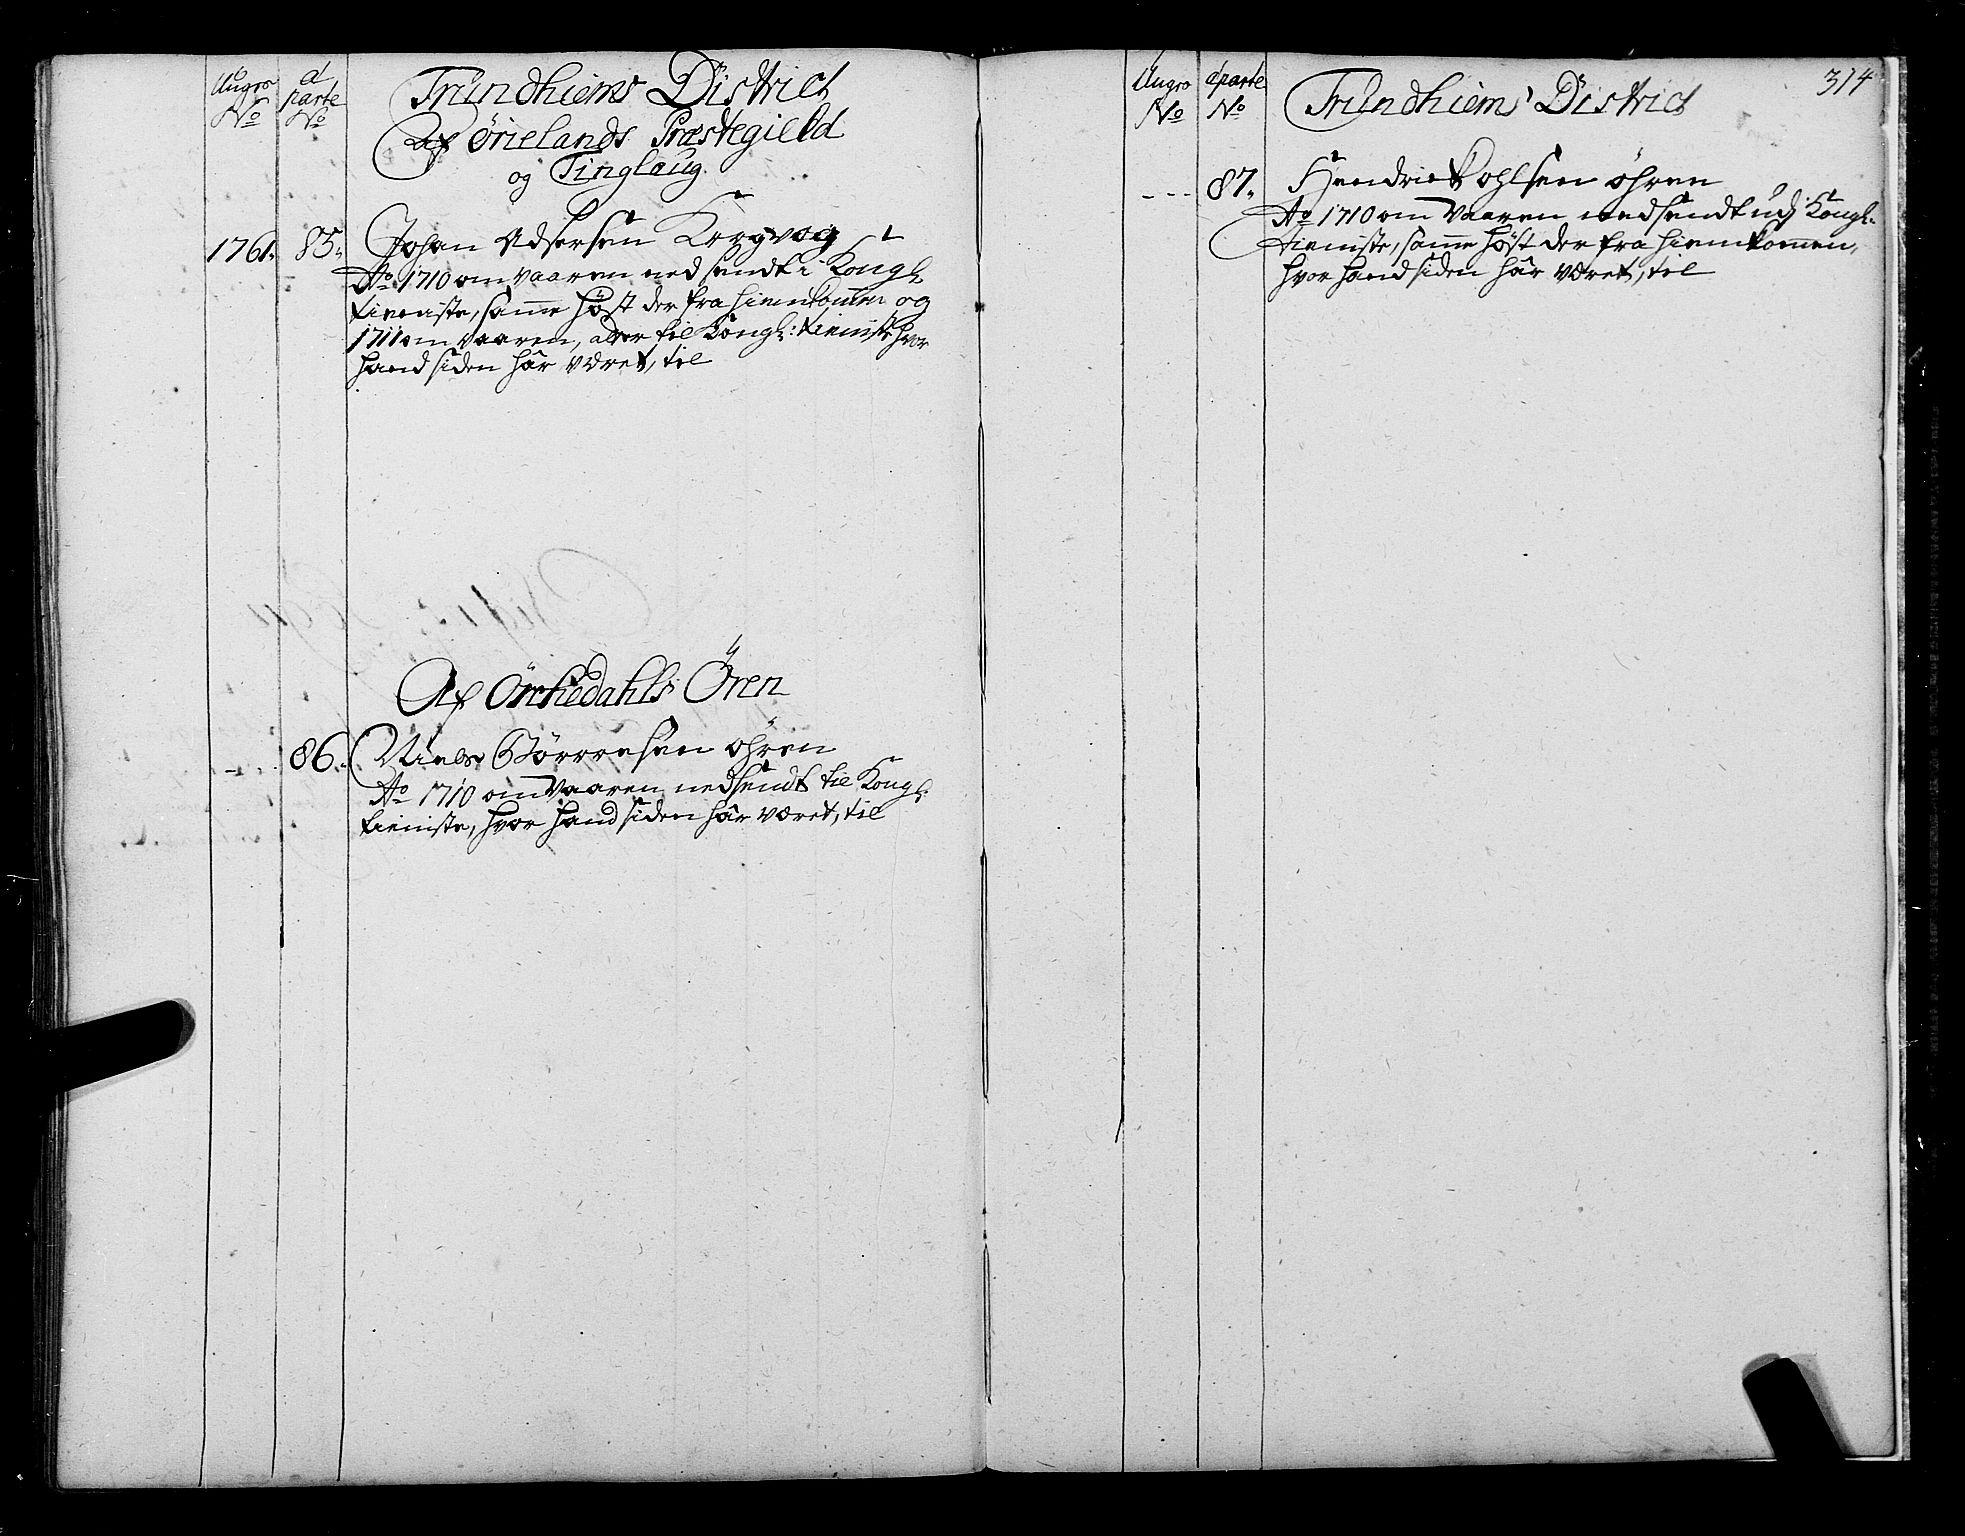 SAT, Sjøinnrulleringen - Trondhjemske distrikt, 01/L0004: Ruller over sjøfolk i Trondhjem by, 1704-1710, s. 314